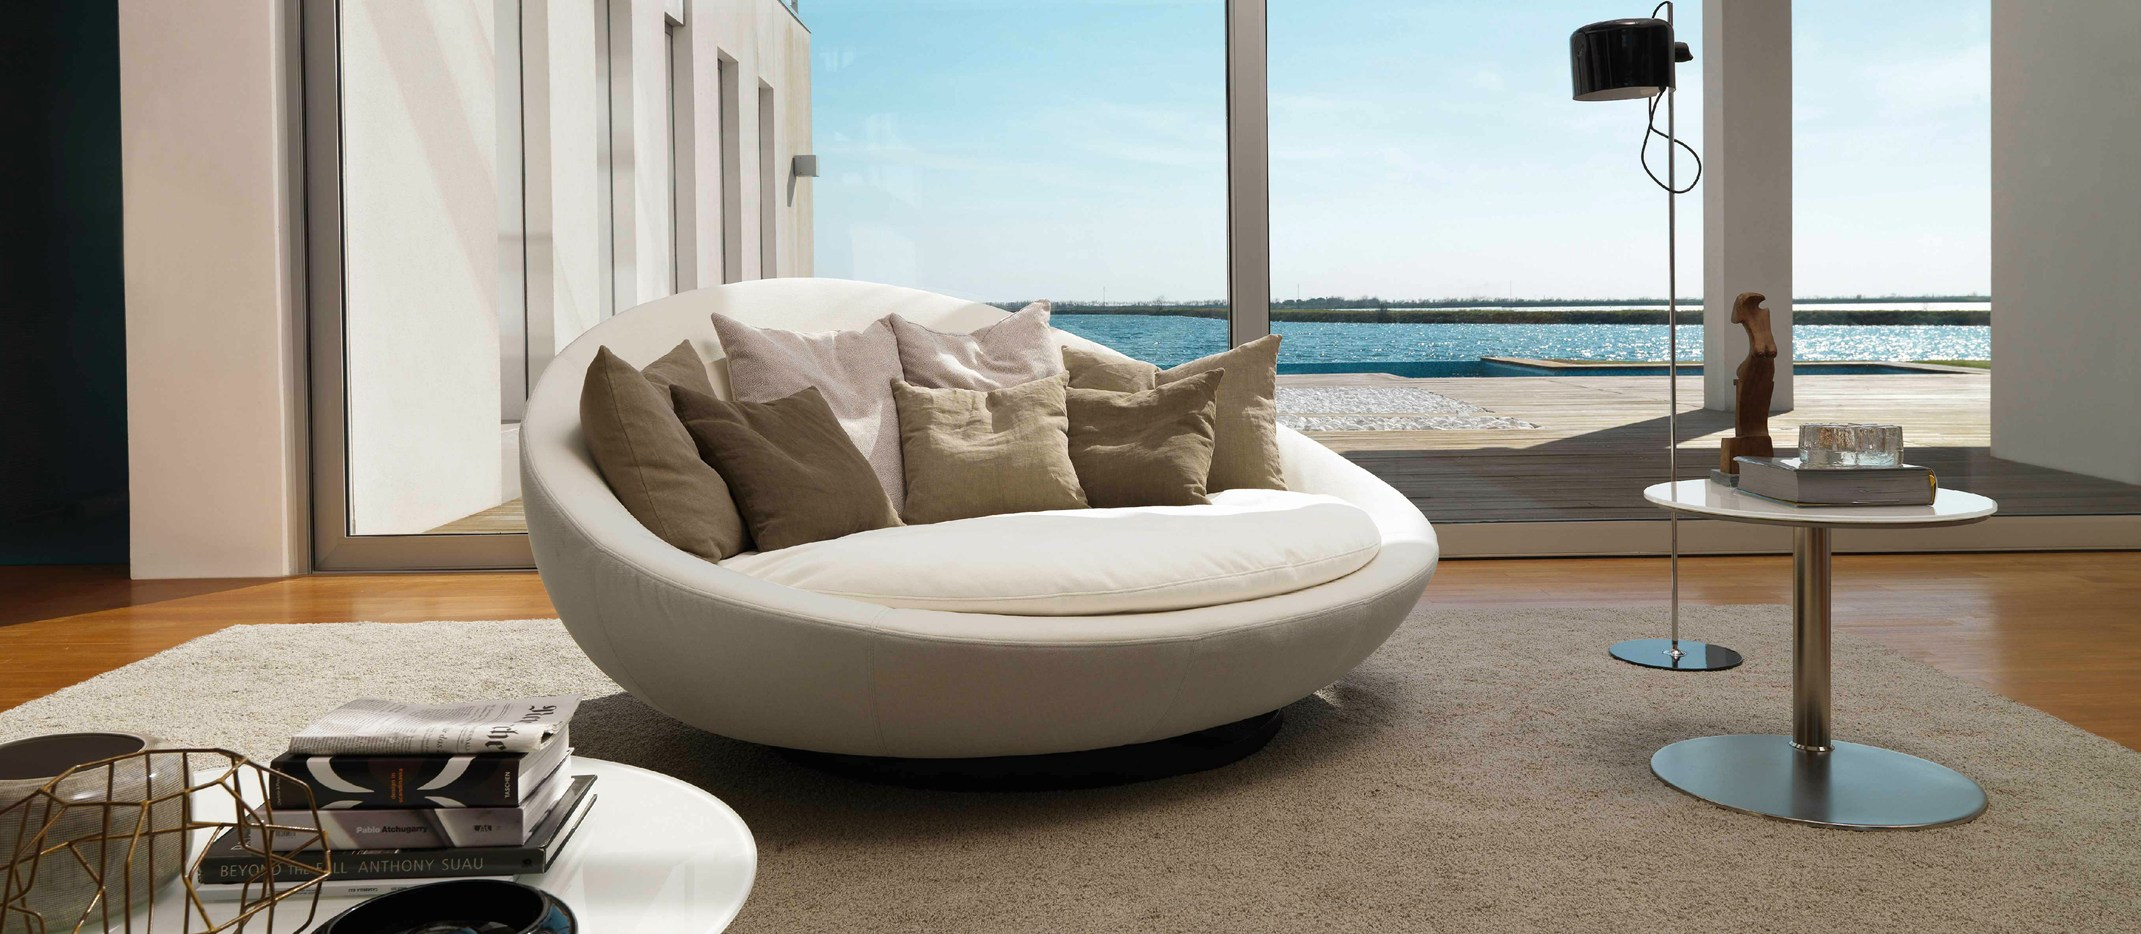 Круглый диван в интерьере дома